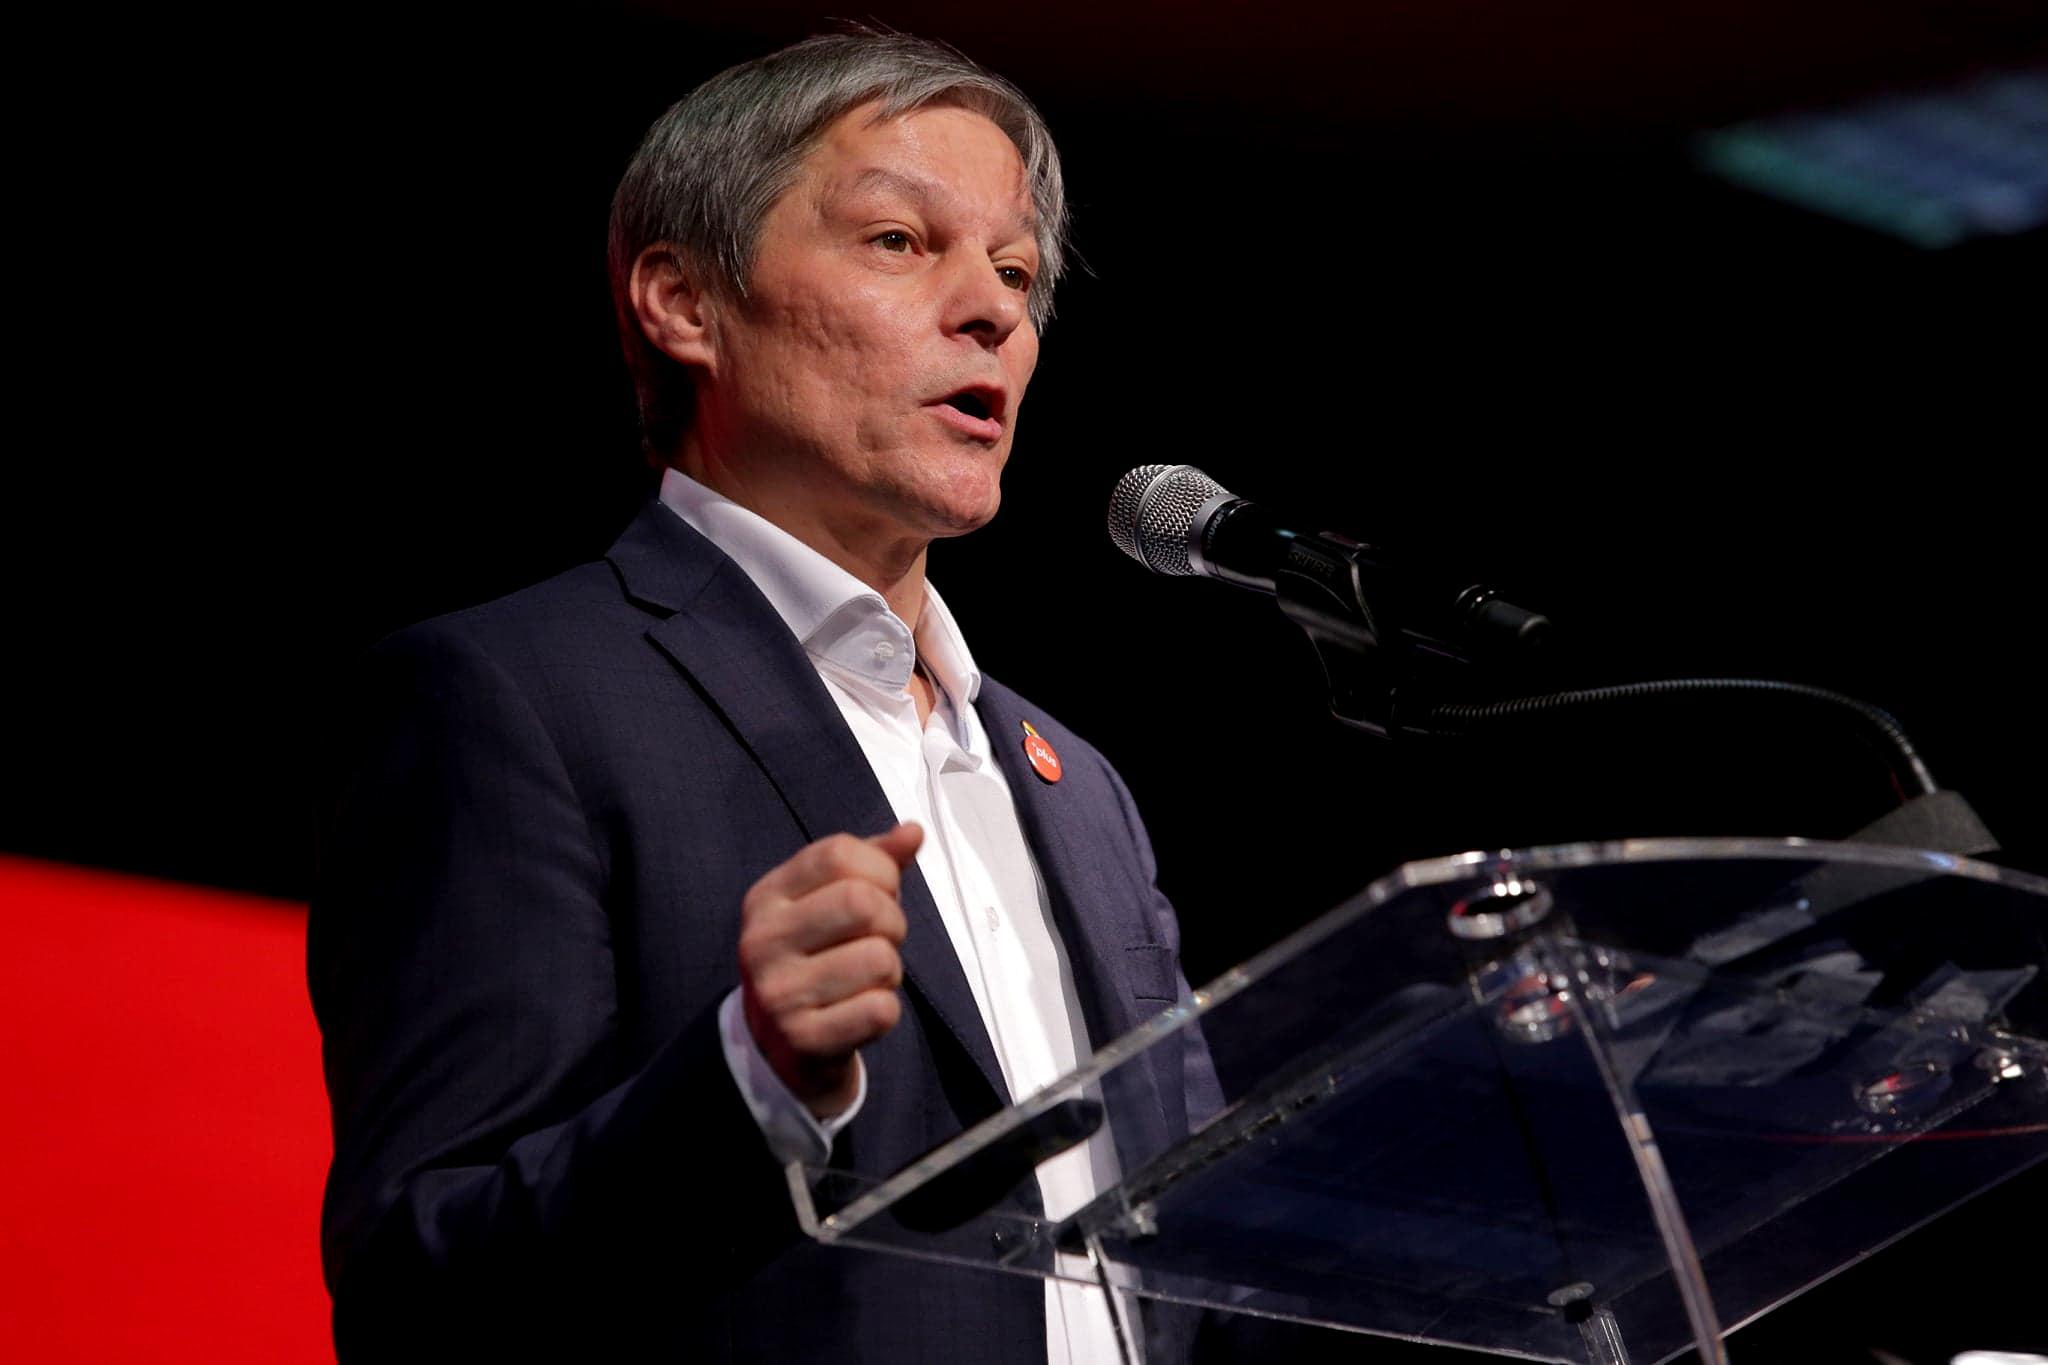 ALERTĂ! Lovitura lui Dacian Cioloș! Cutremur în Jandarmerie! FOTO 4